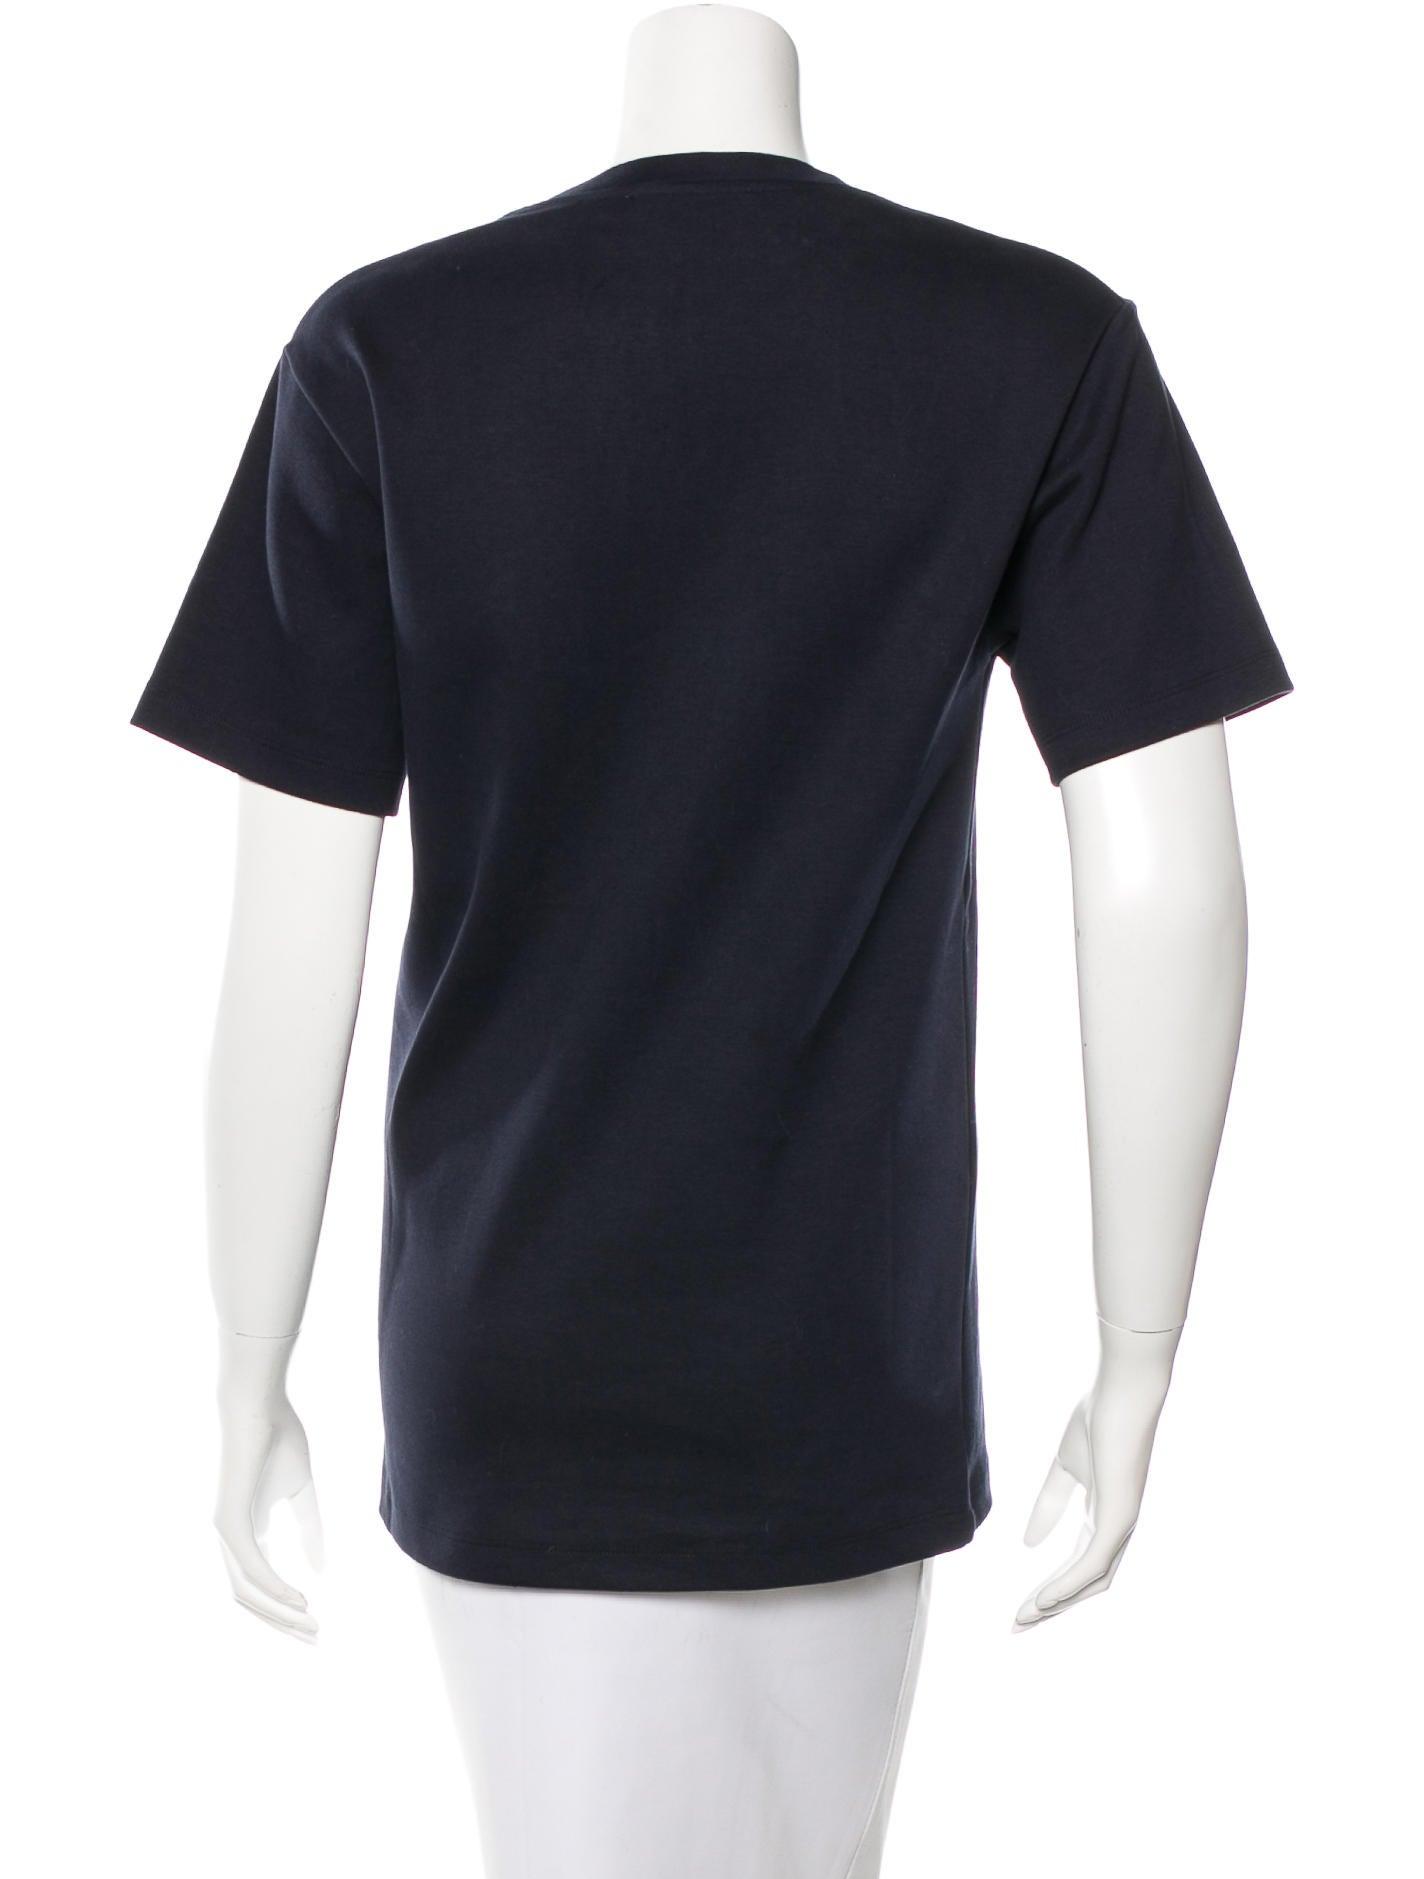 Acne Short Sleeve Crew Neck T Shirt Clothing Acn26988